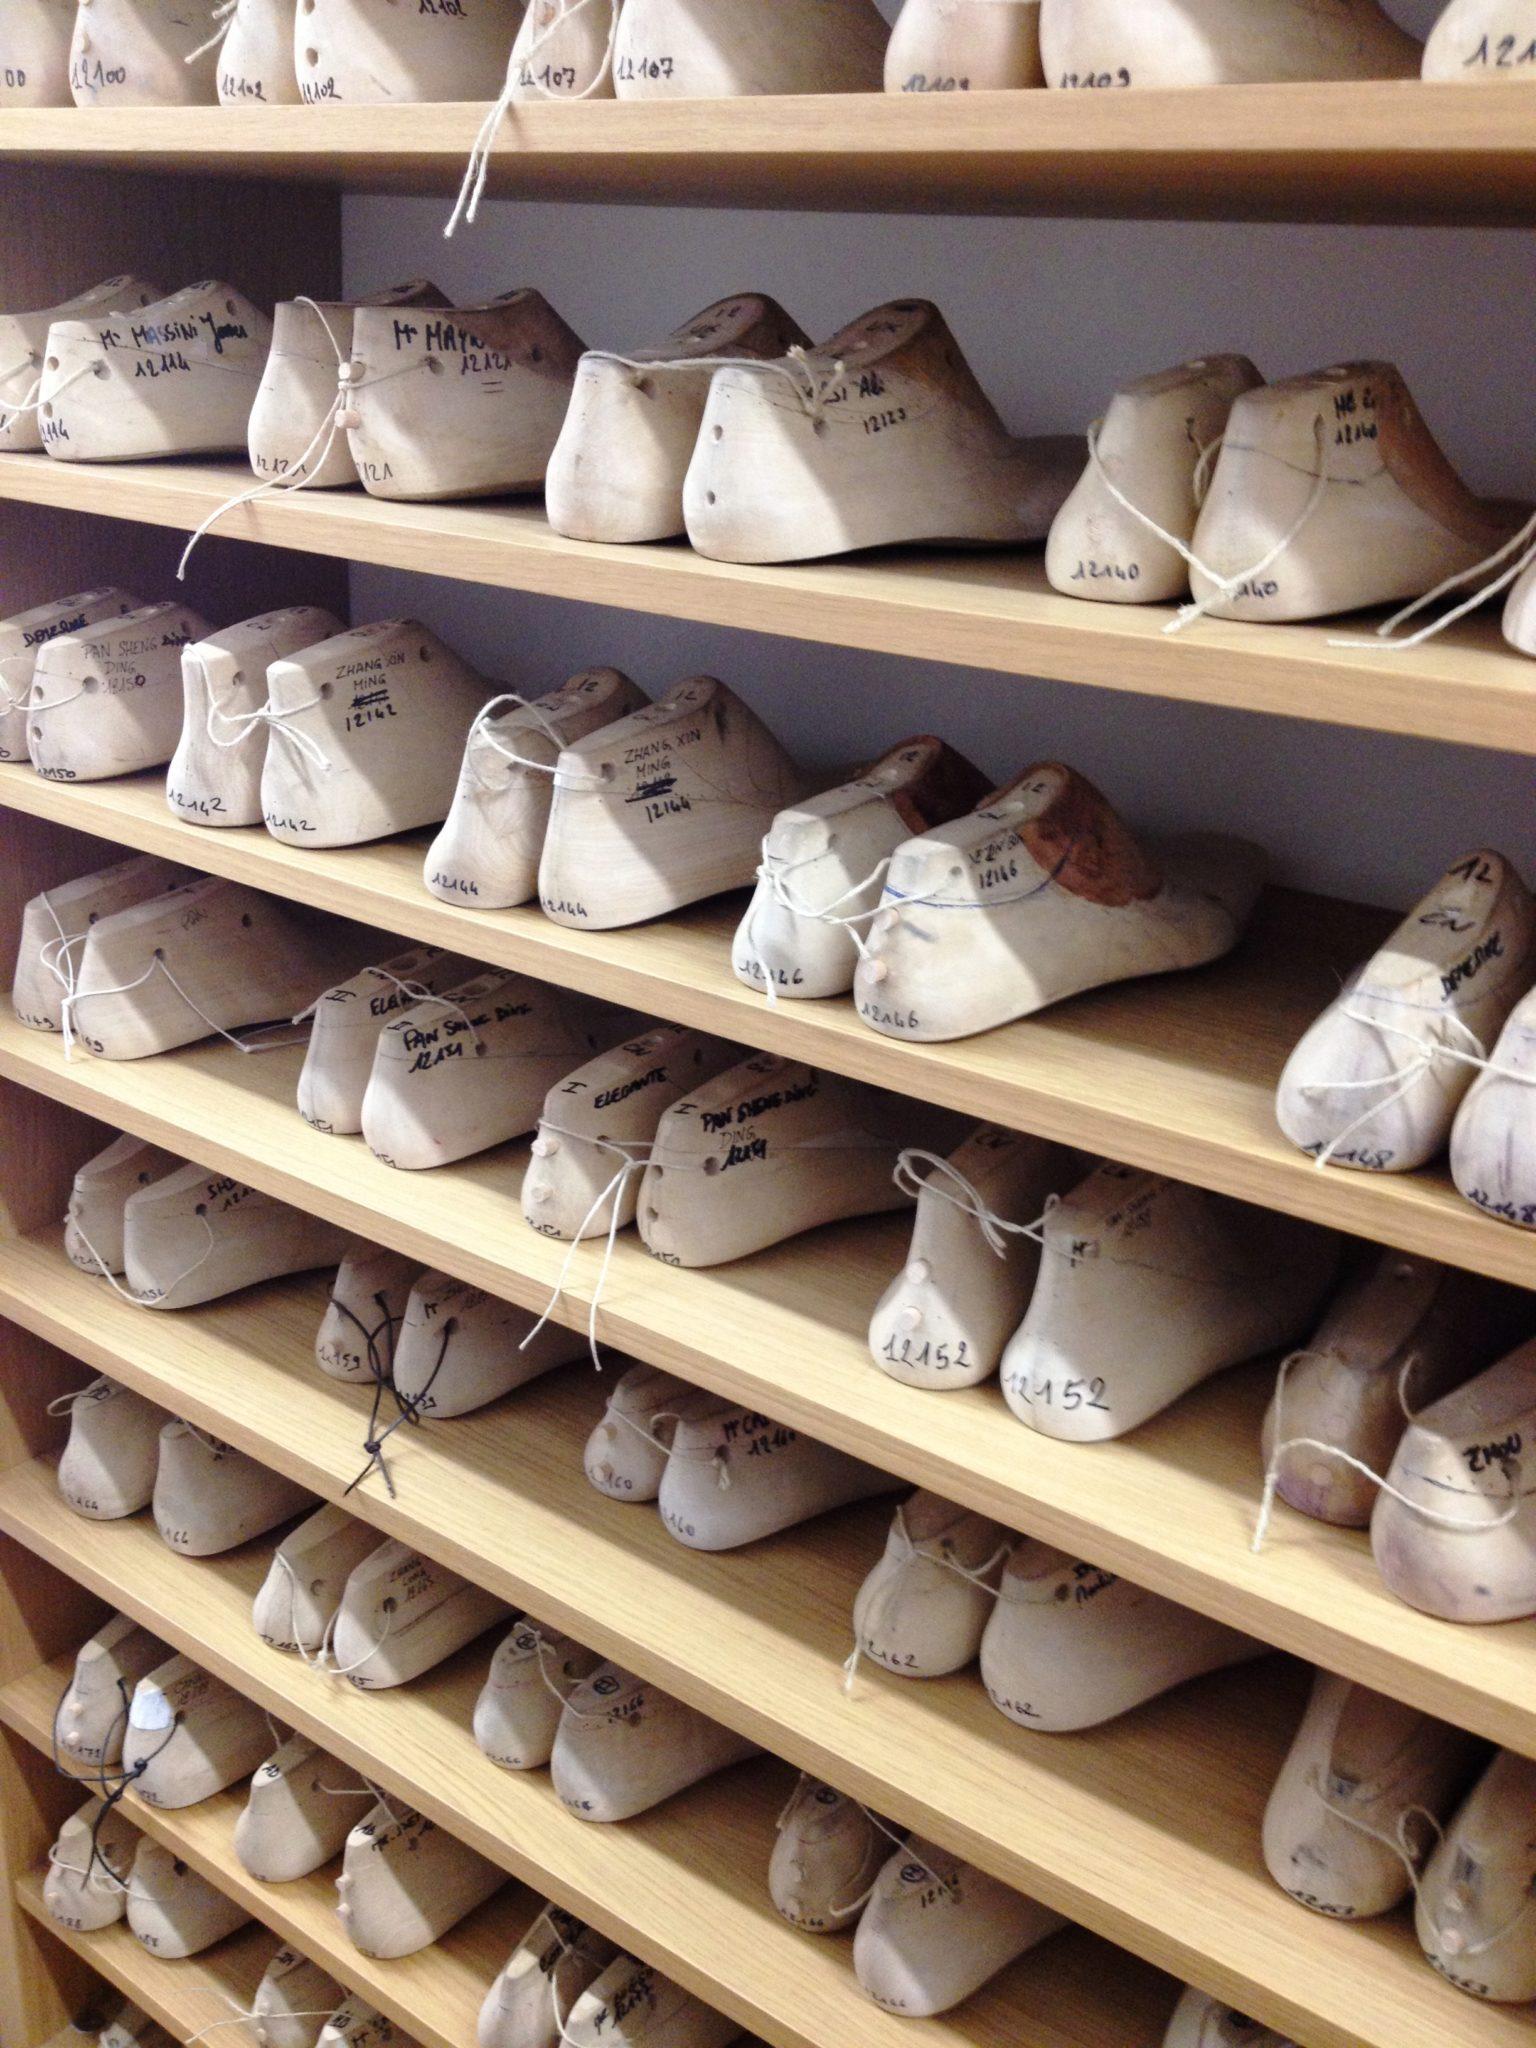 berluti shoes models - Chaussures sur mesure, prêt à chausser ou made to order : quelles différences?